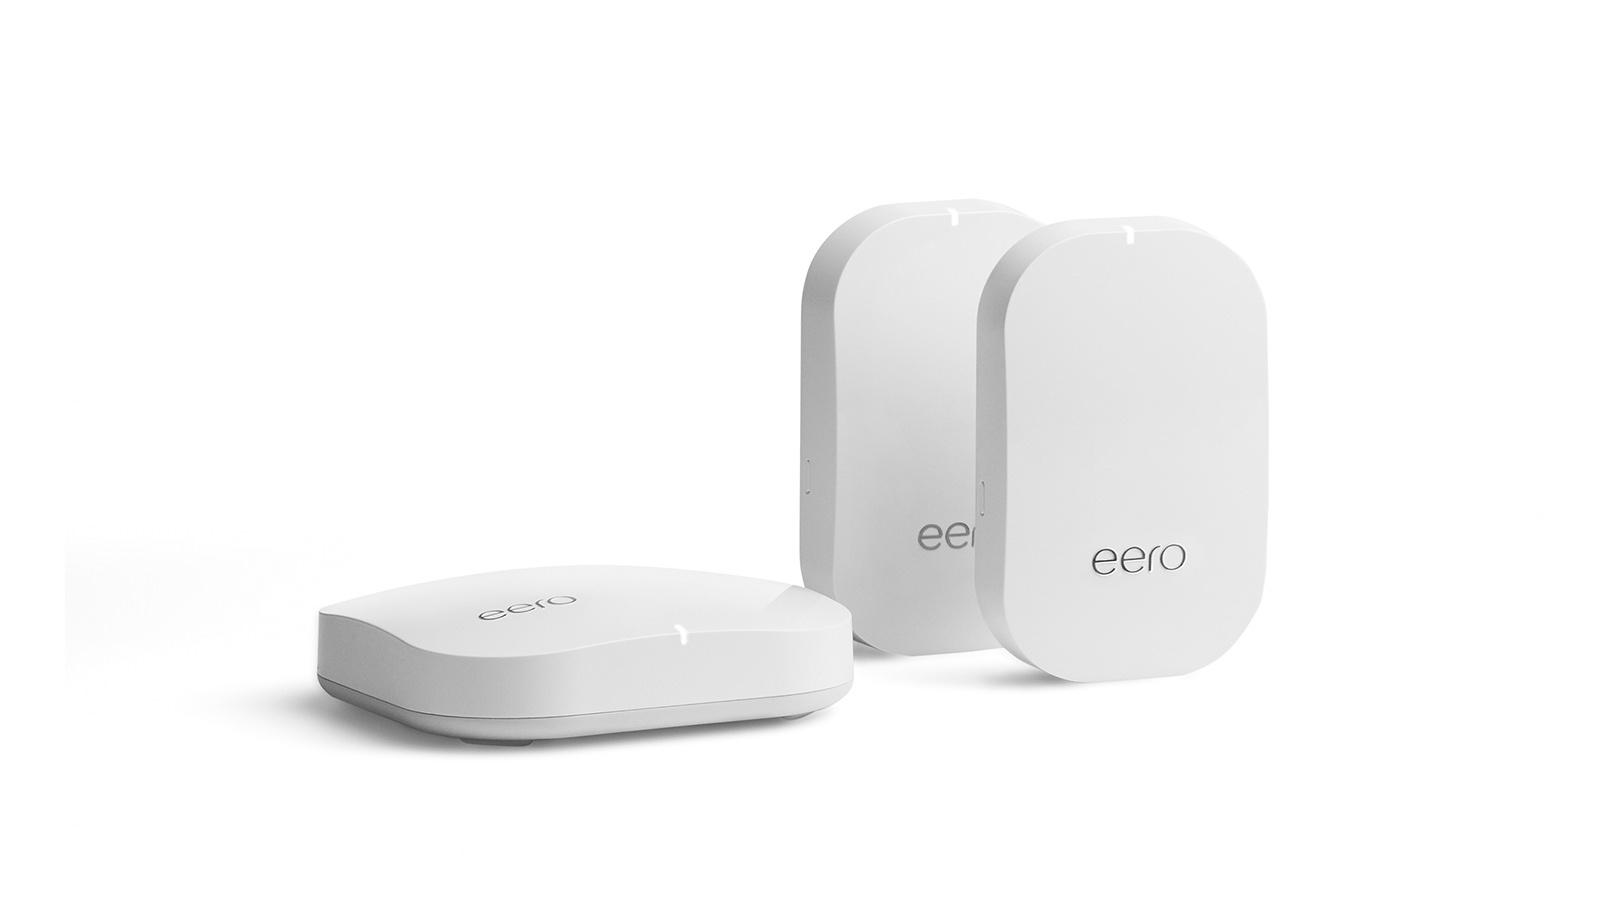 Mögliches Vorbild für Google: Eero Mesh-Router mit Beacons